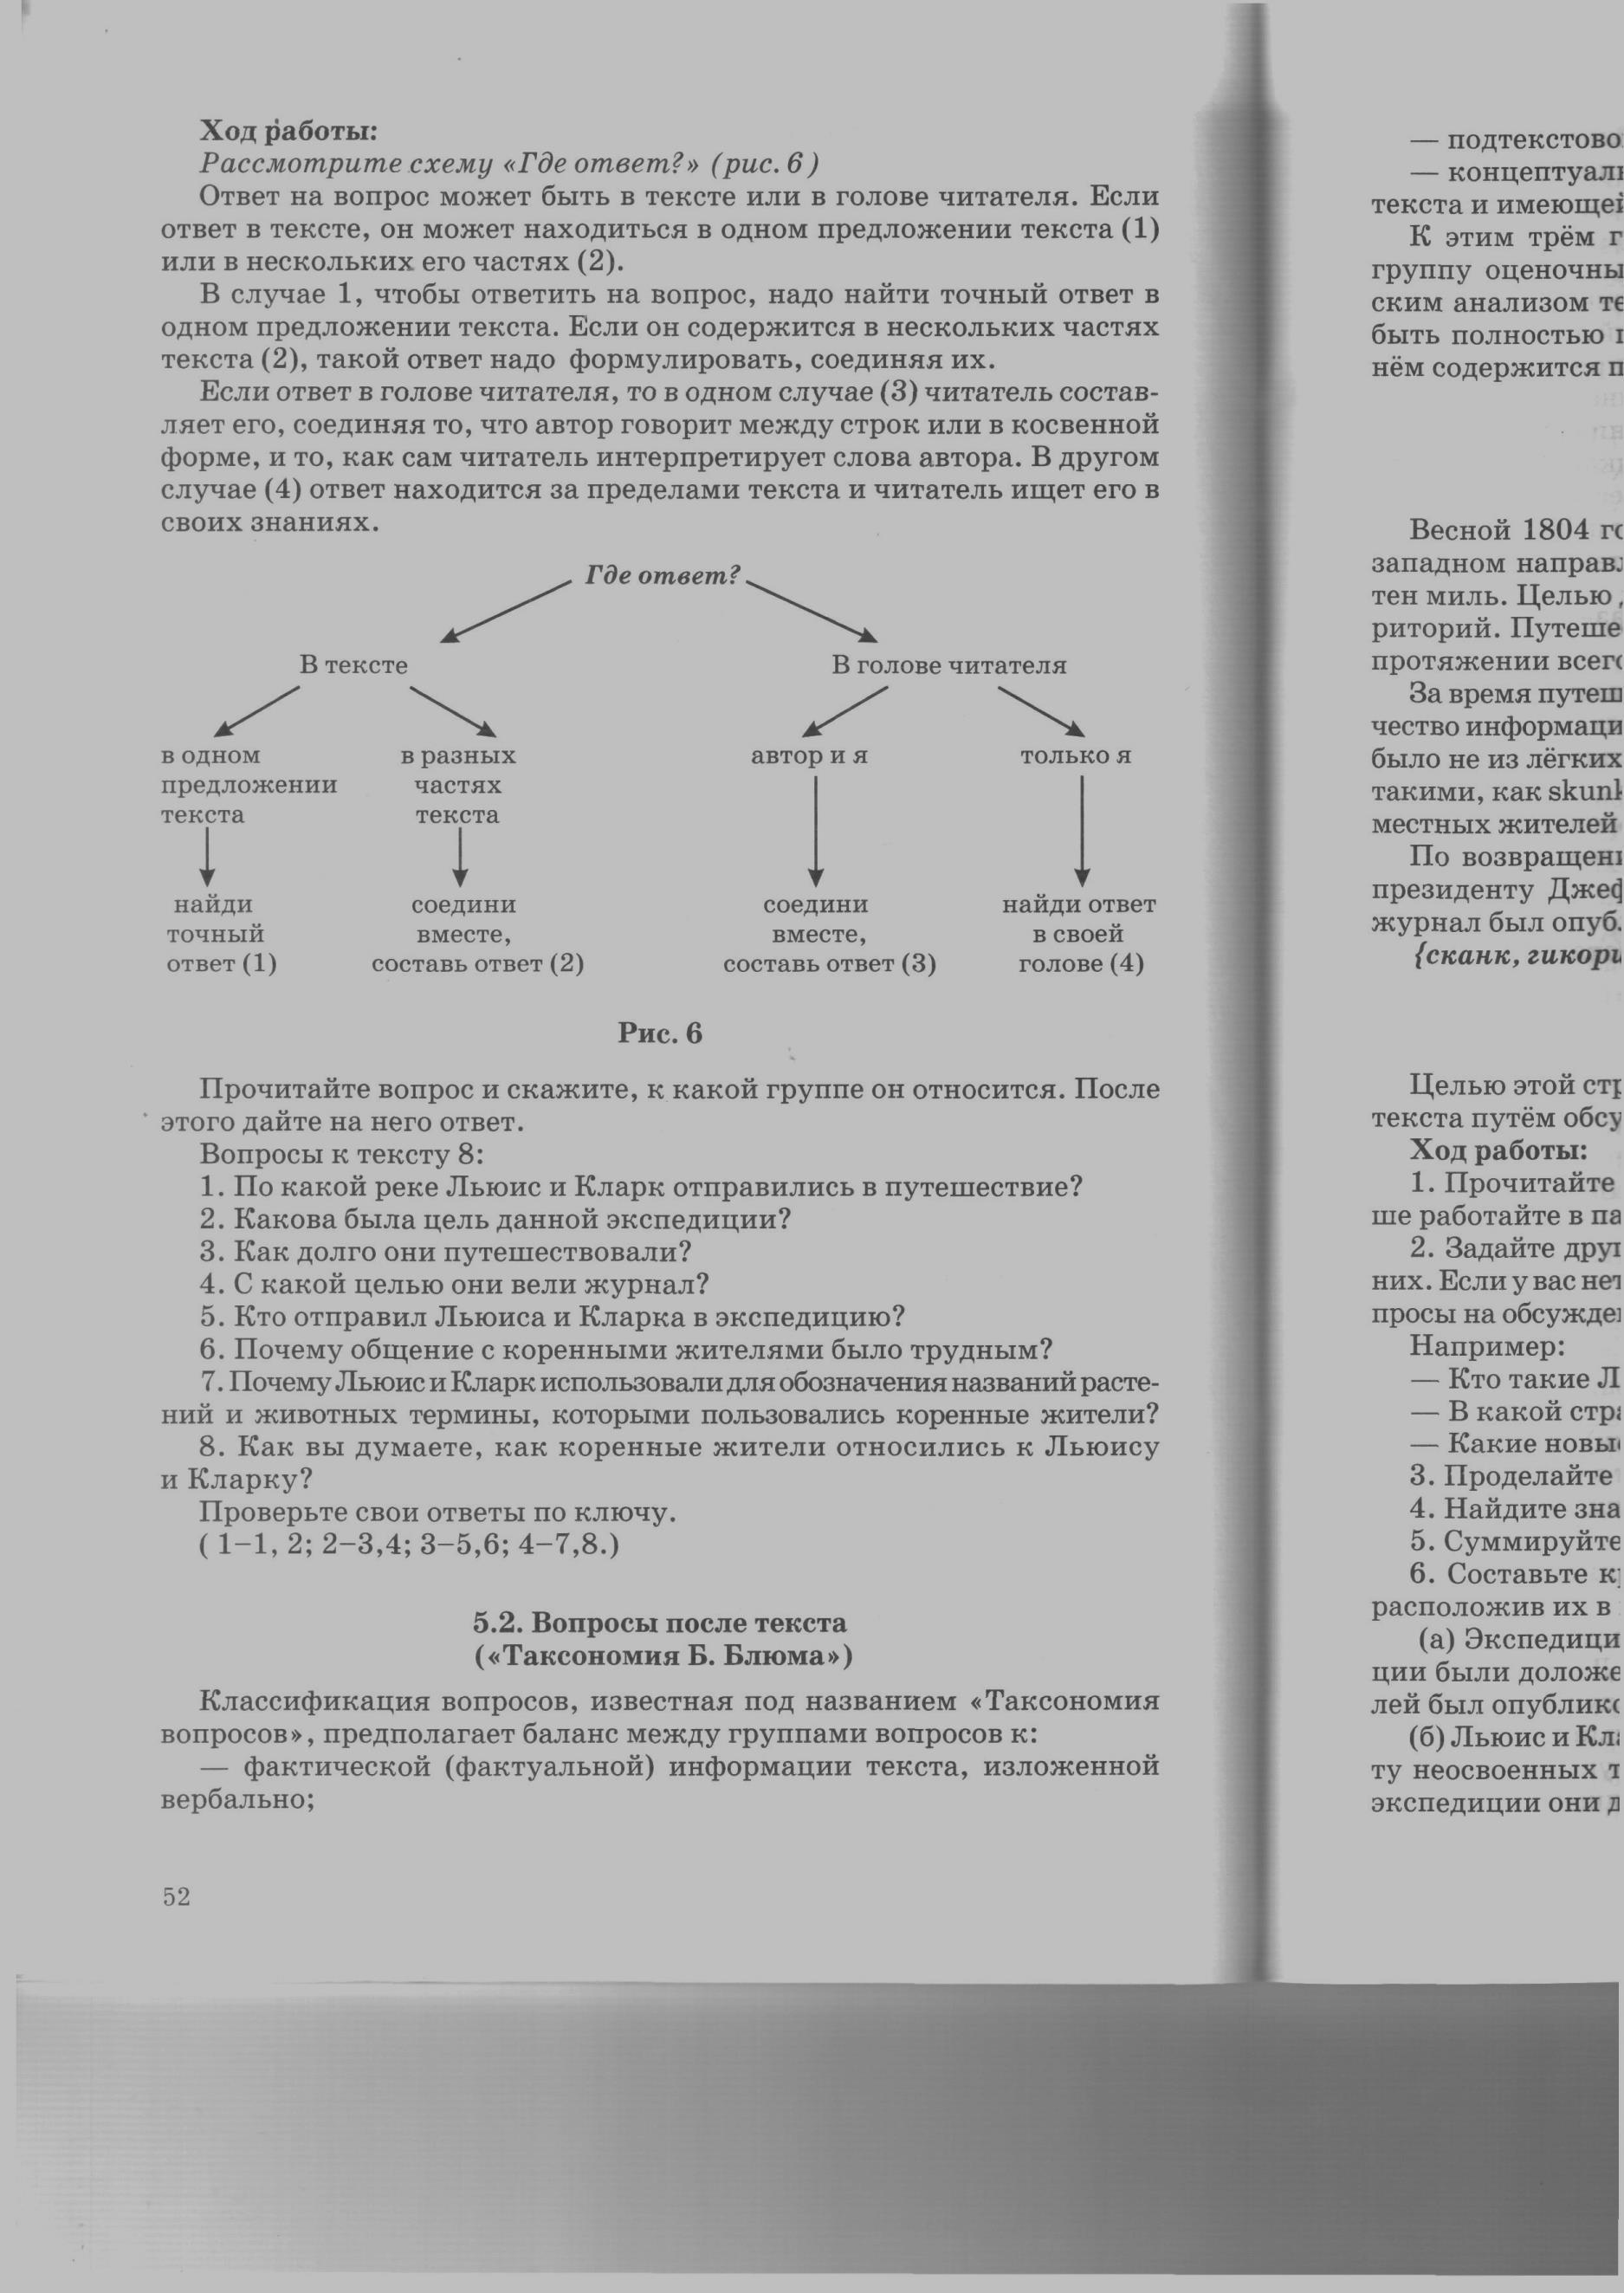 C:\Users\Марина\Desktop\Обучение стратегиям чтения в 5 - 9 классах_Сметанникова Н.Н\10031.jpg